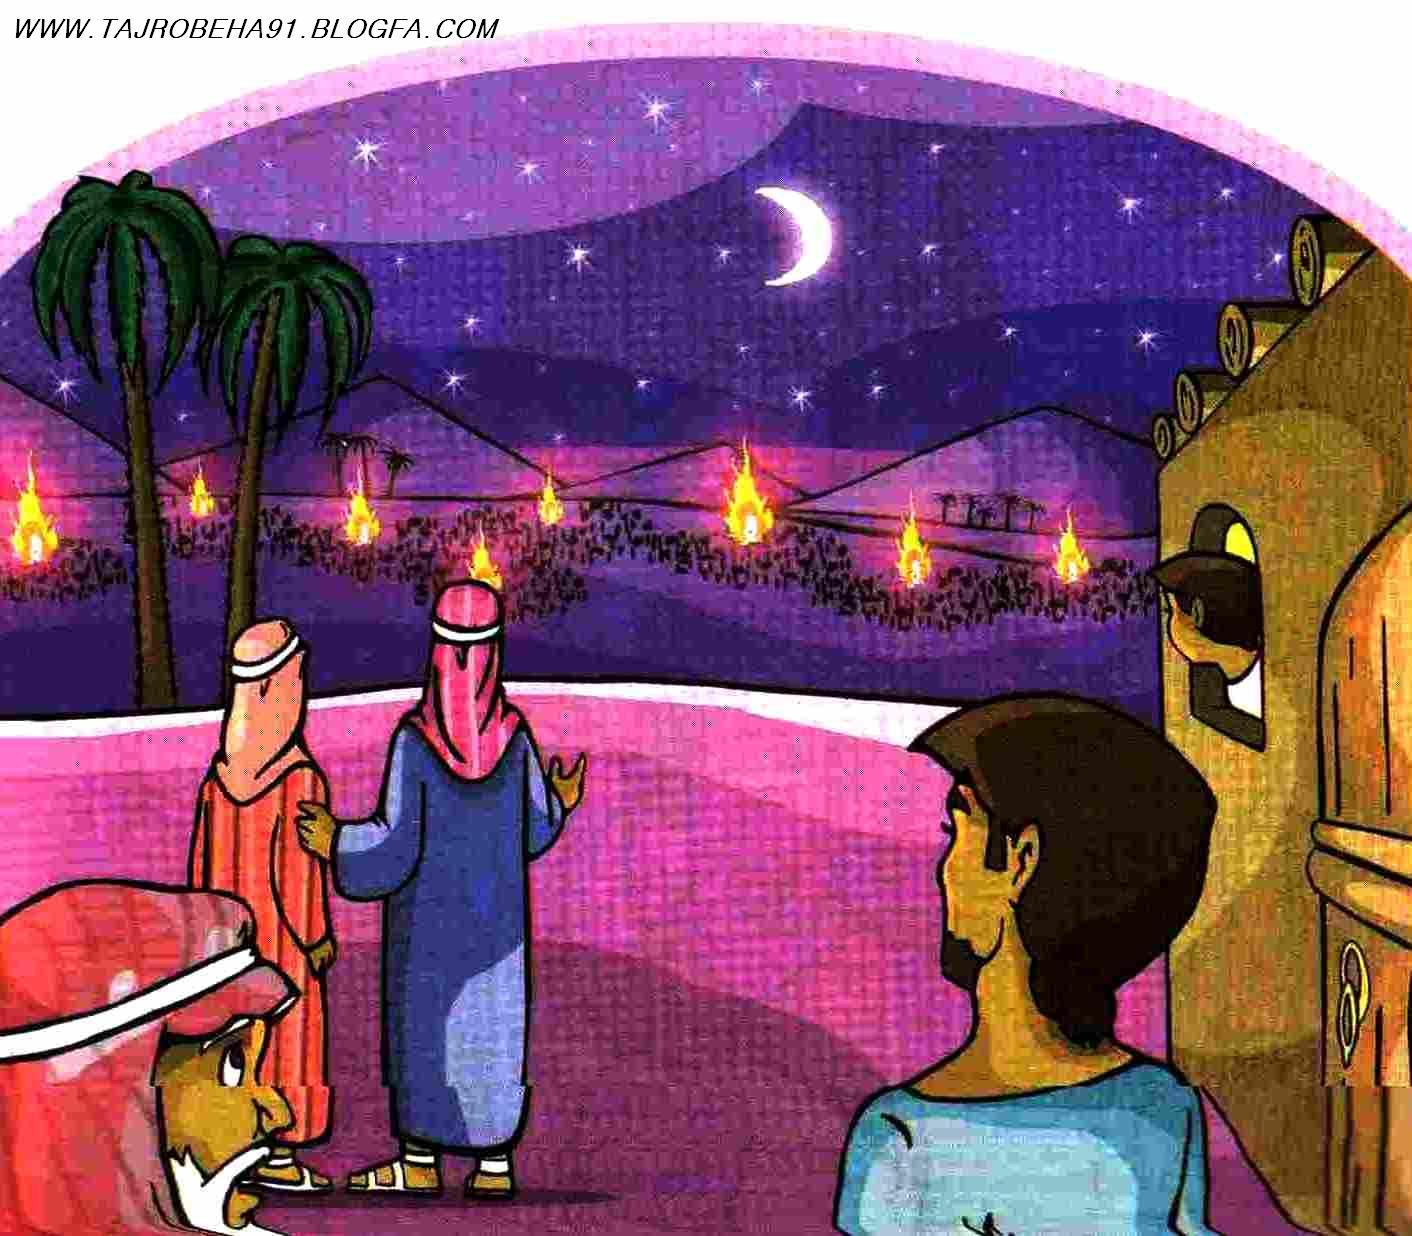 قصه کودکانه سوره نصر